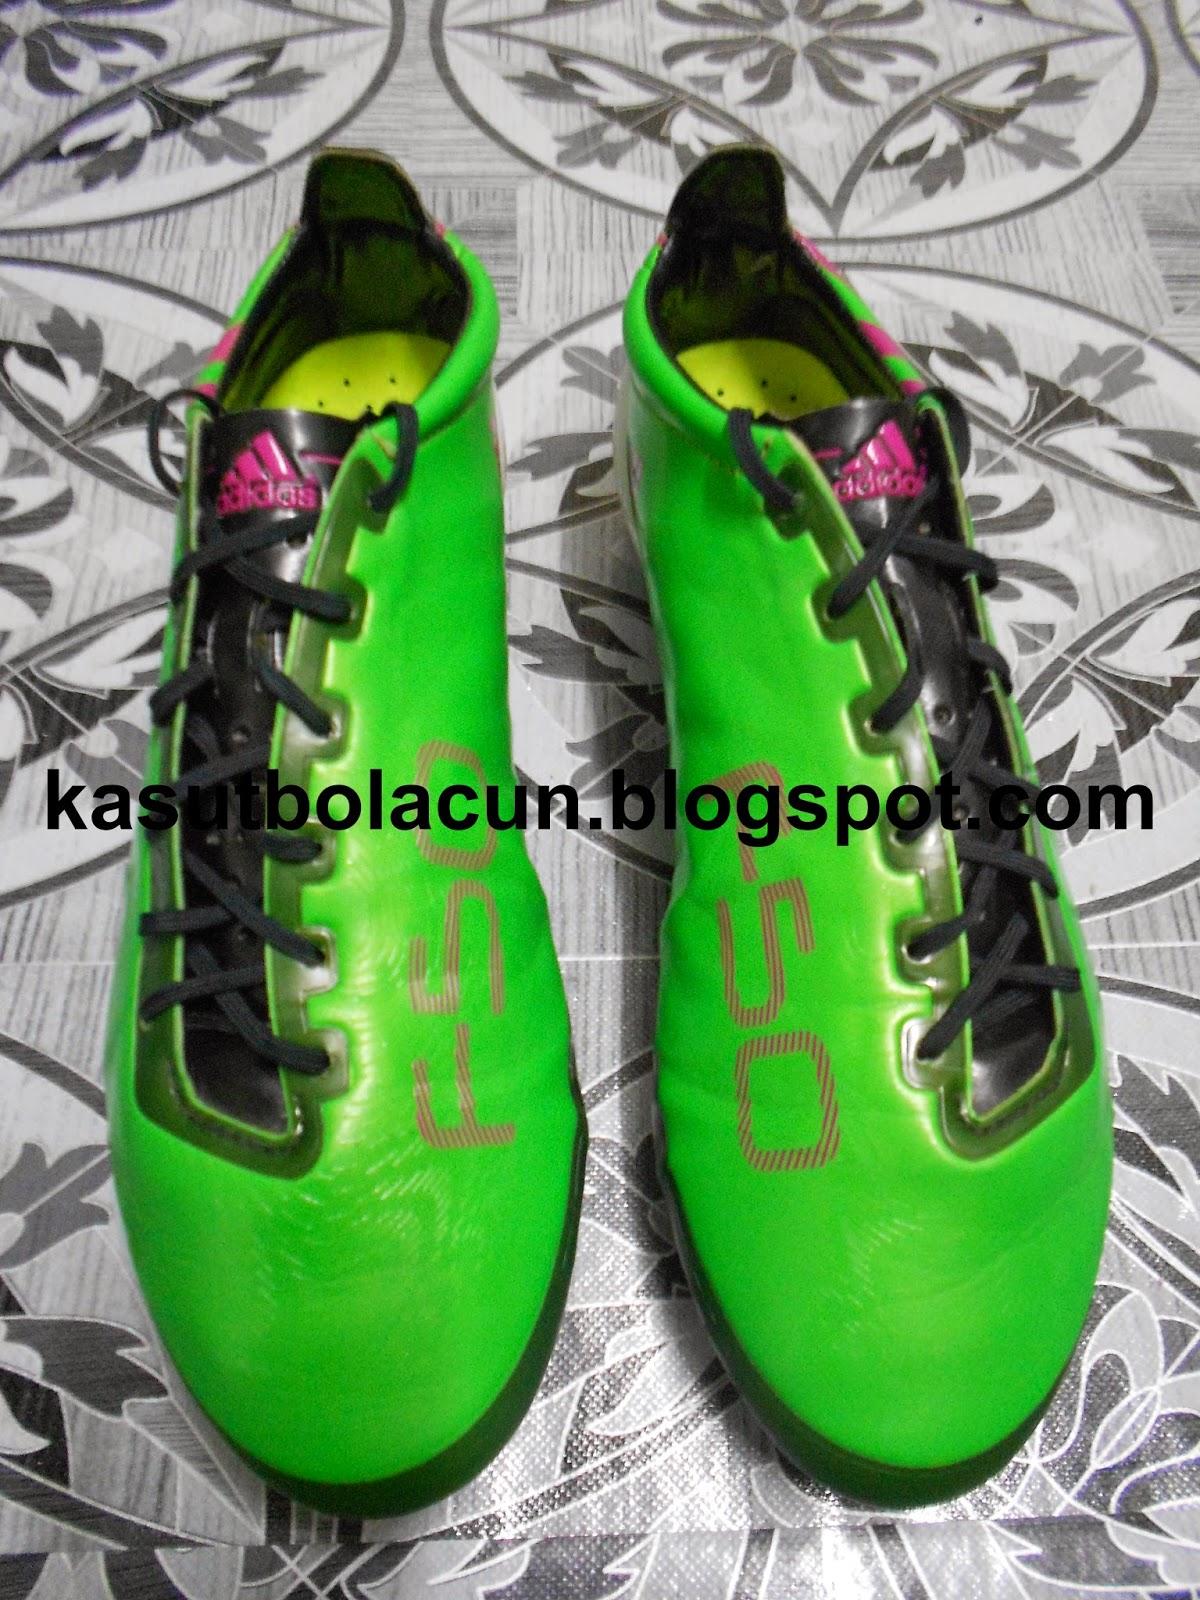 http://kasutbolacun.blogspot.com/2014/10/adidas-f50-adizero-1-sg-hijau.html